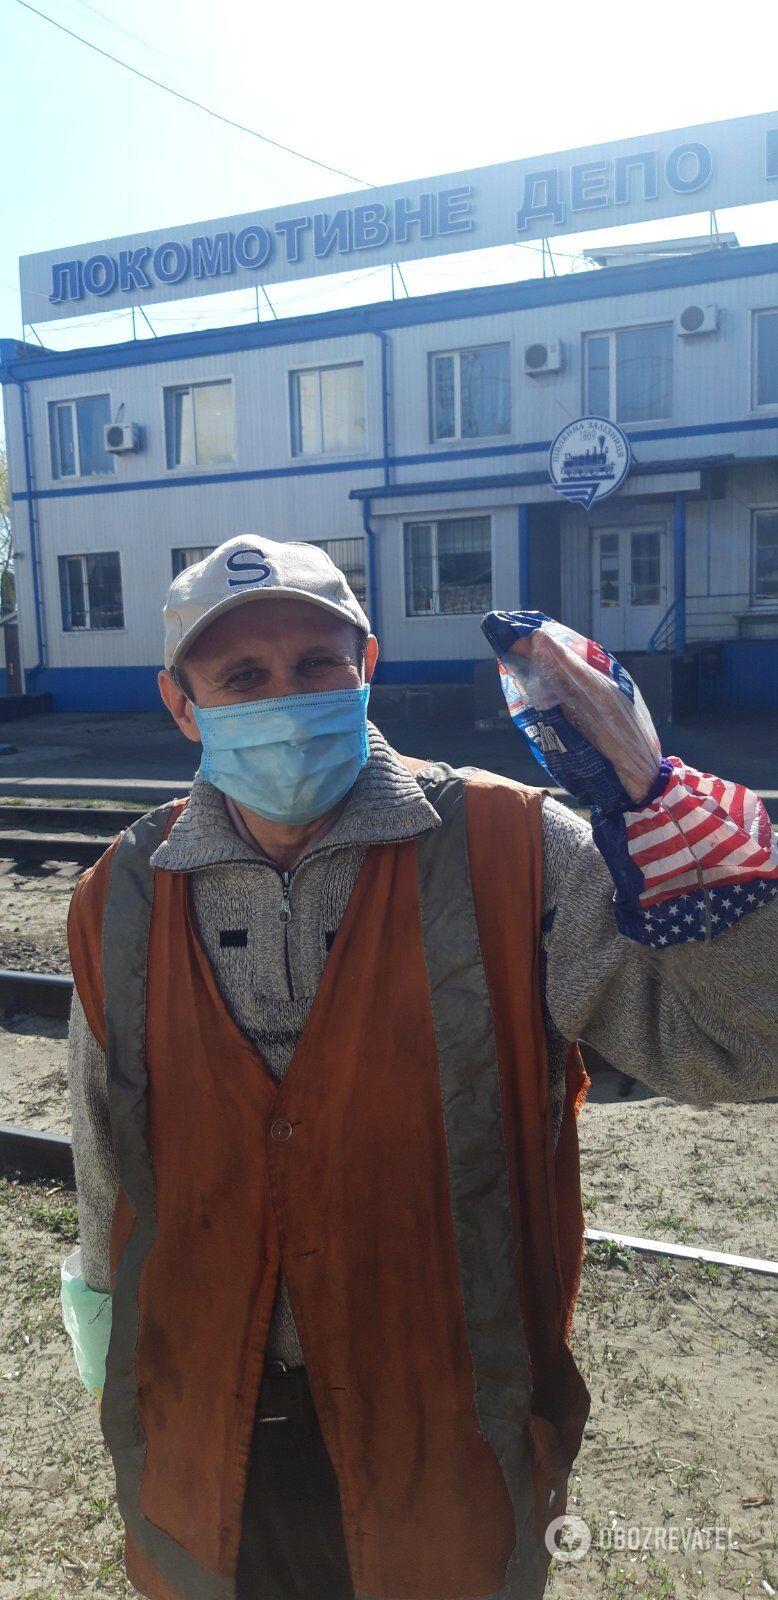 А вместо перчаток, которые рабочим также не выдают, люди надевают пакеты из-под батона